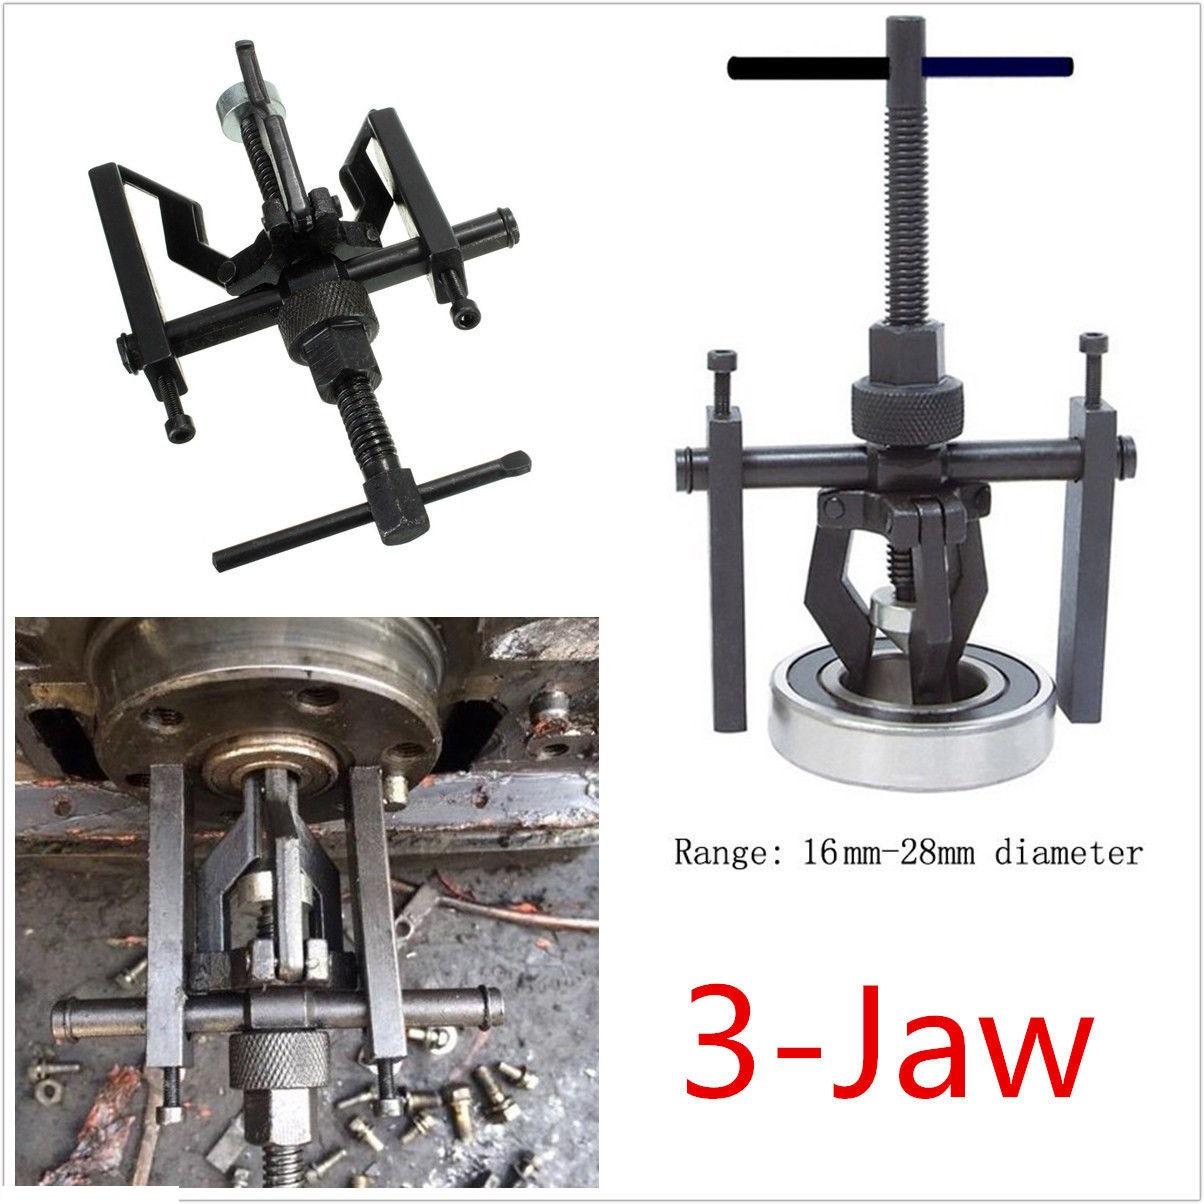 Motorcycle Wheel Bearing Puller : Practical black vehicles wheeel paw pilot bearing puller